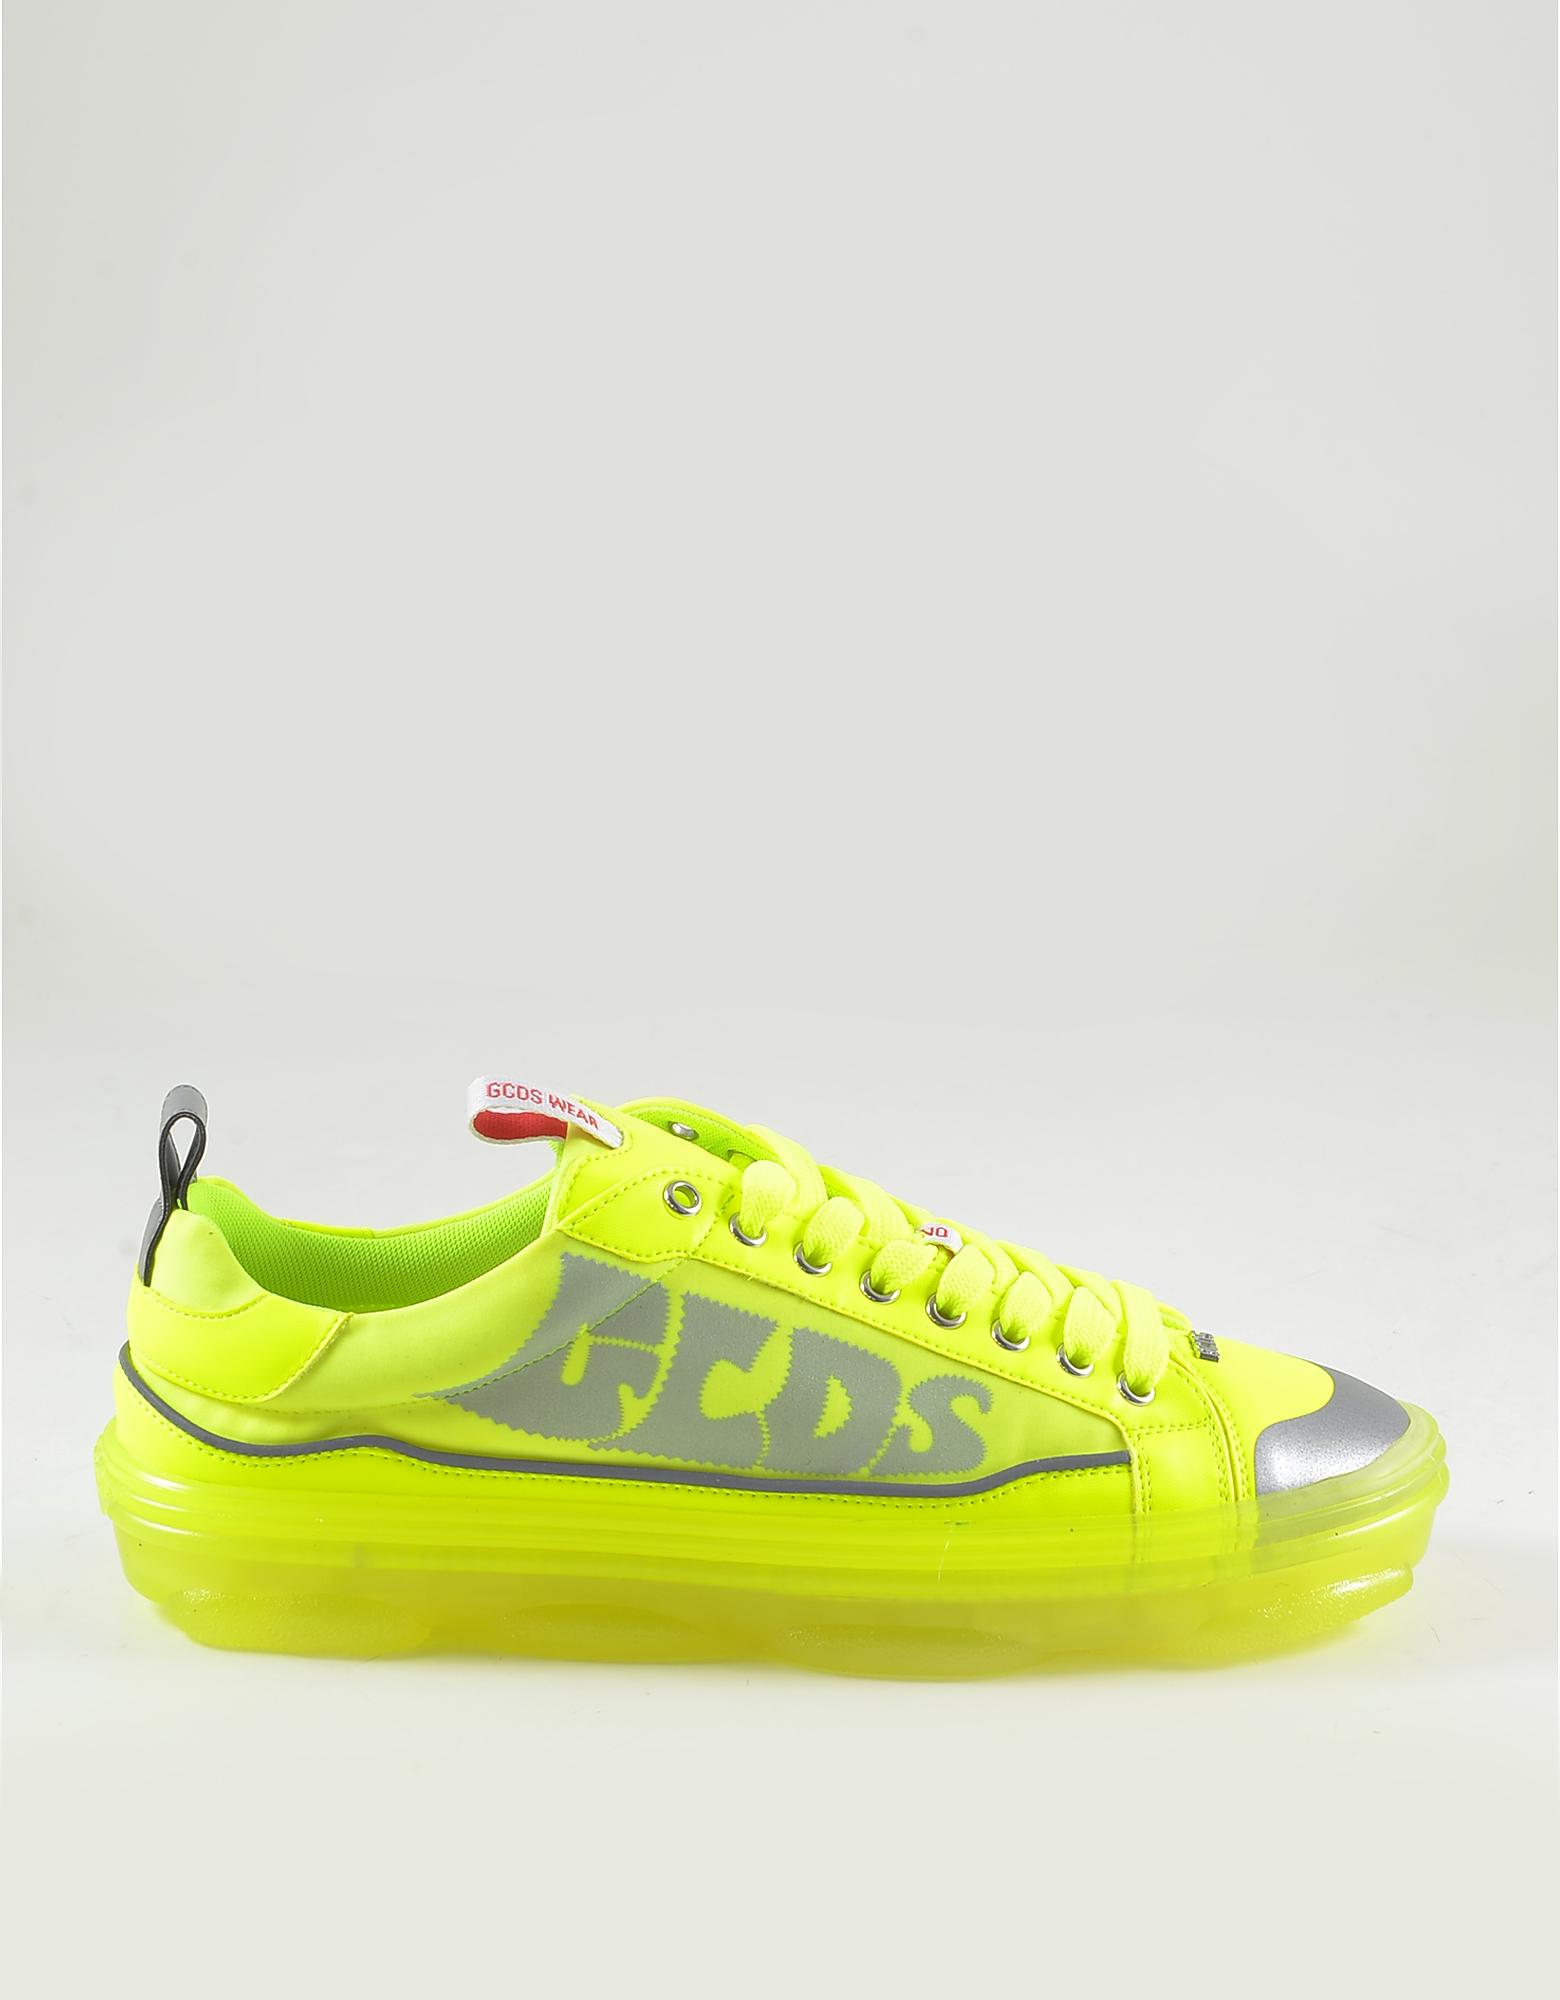 GCDS Designer Shoes, Men's Neon Yellow Sneakers